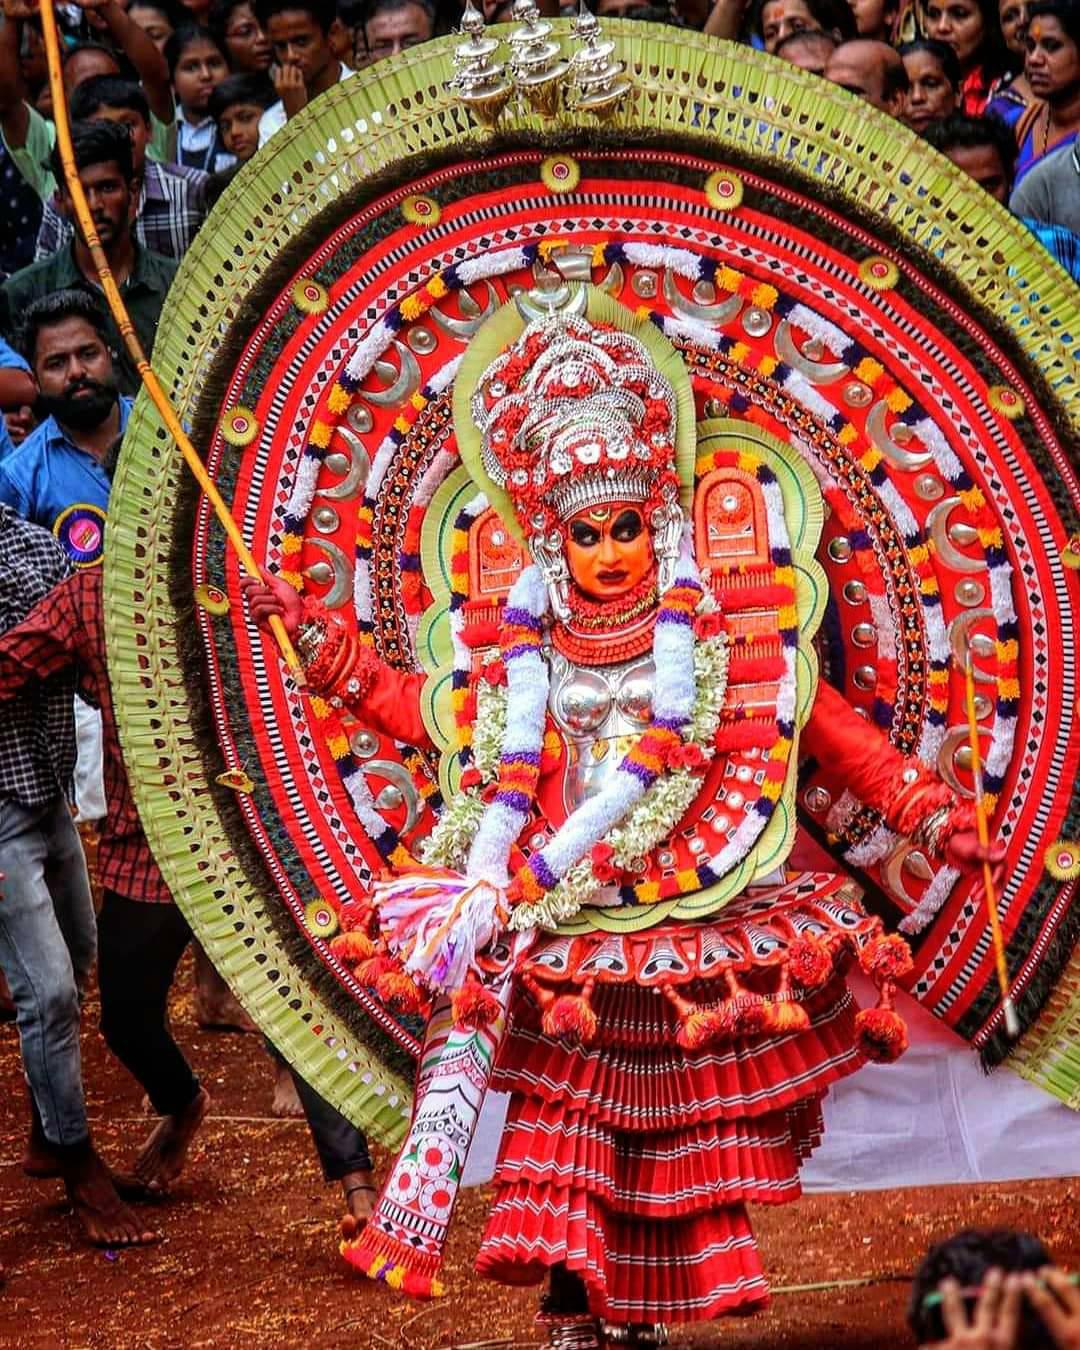 മൂവാളം കുഴി ചാമുണ്ഡി Theyyam